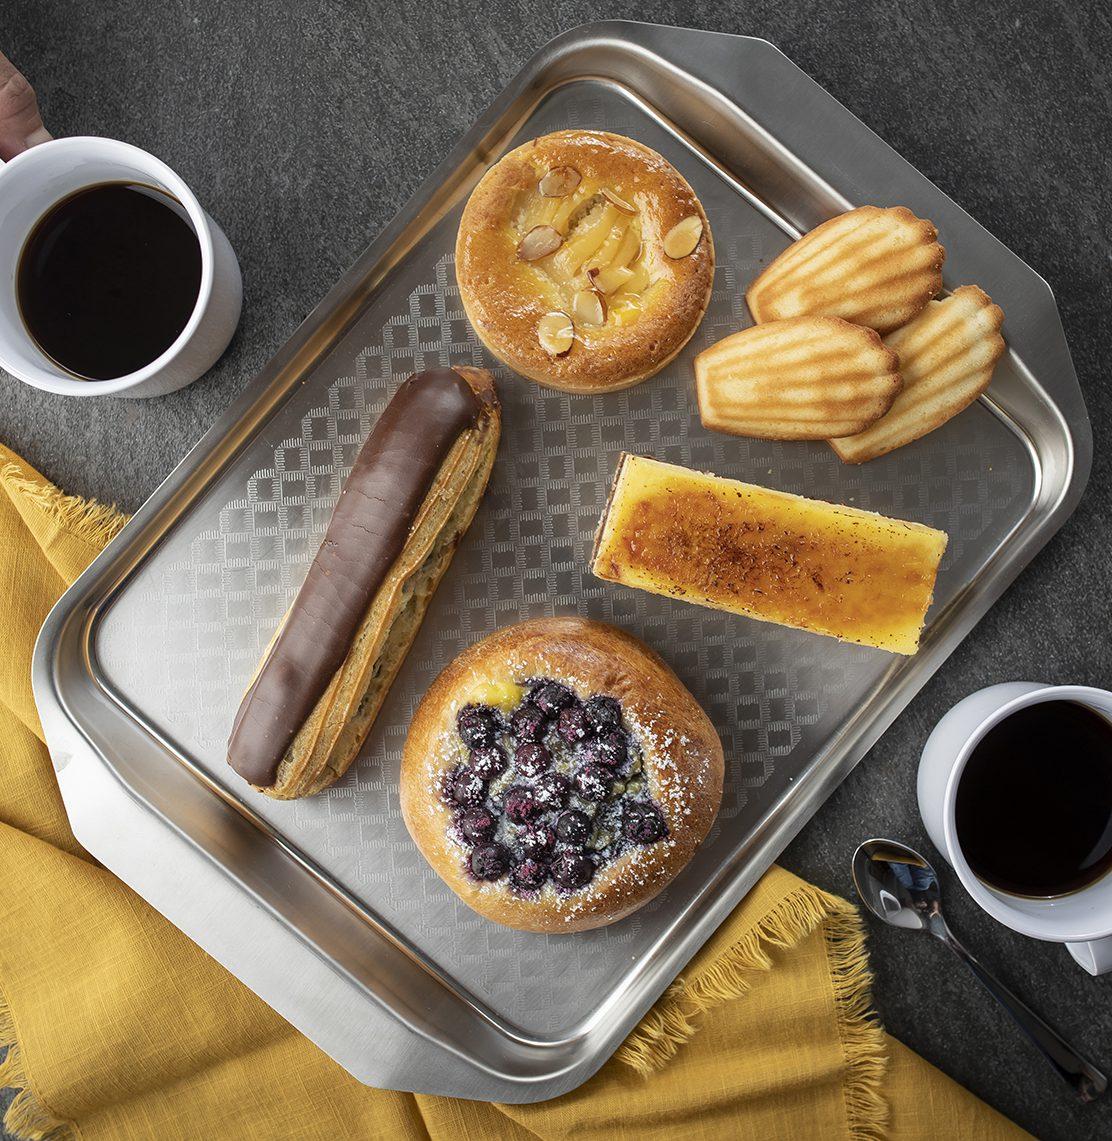 Better Burger Dessert Trays from TableCraft